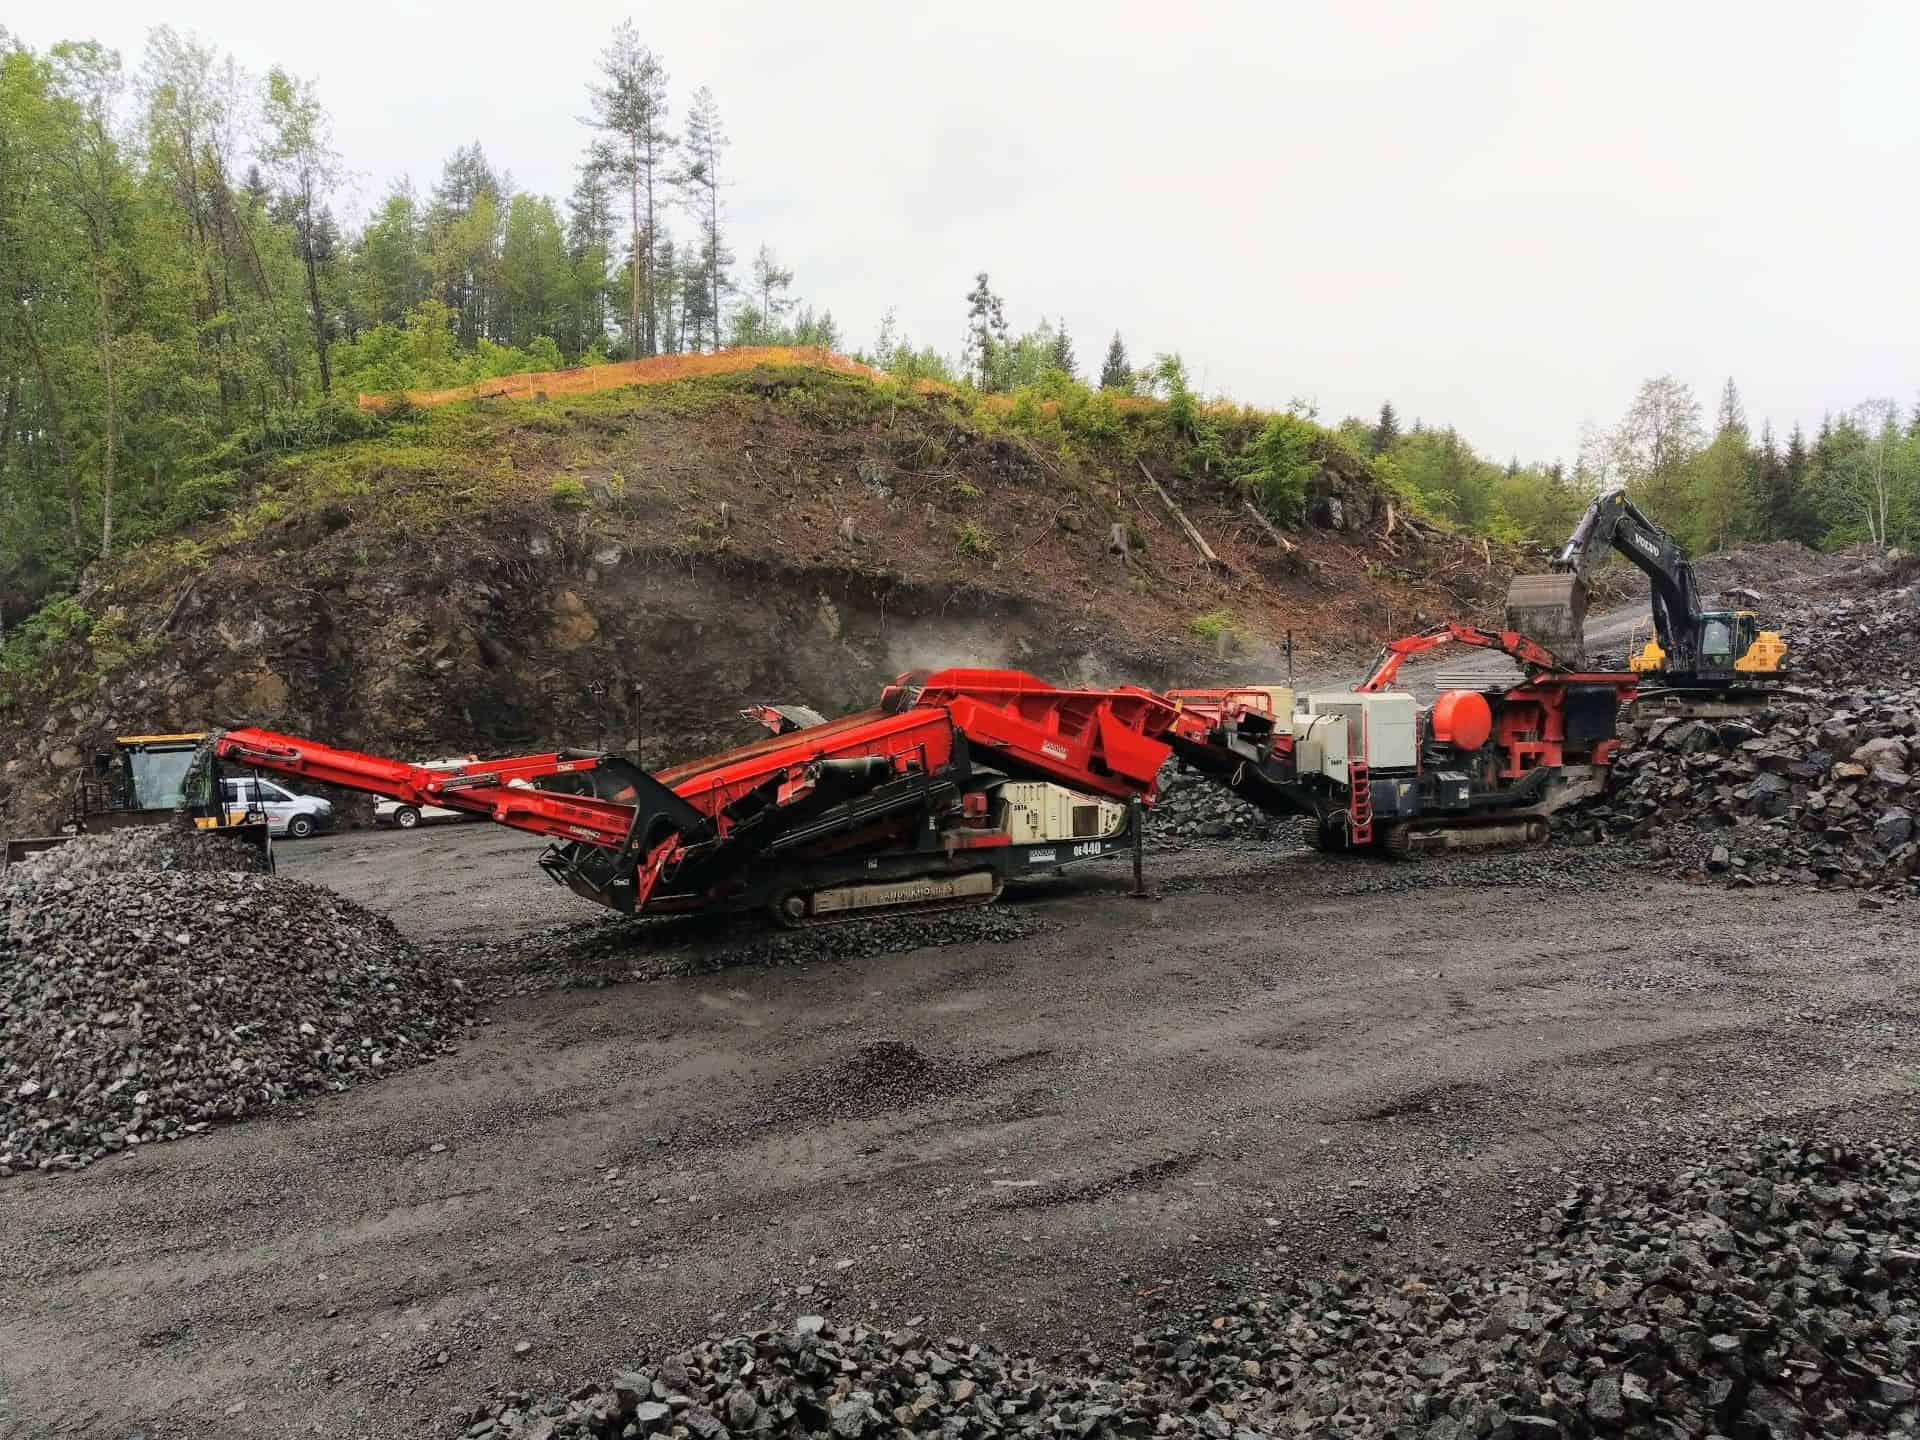 Mobilknusing Re Vestfold